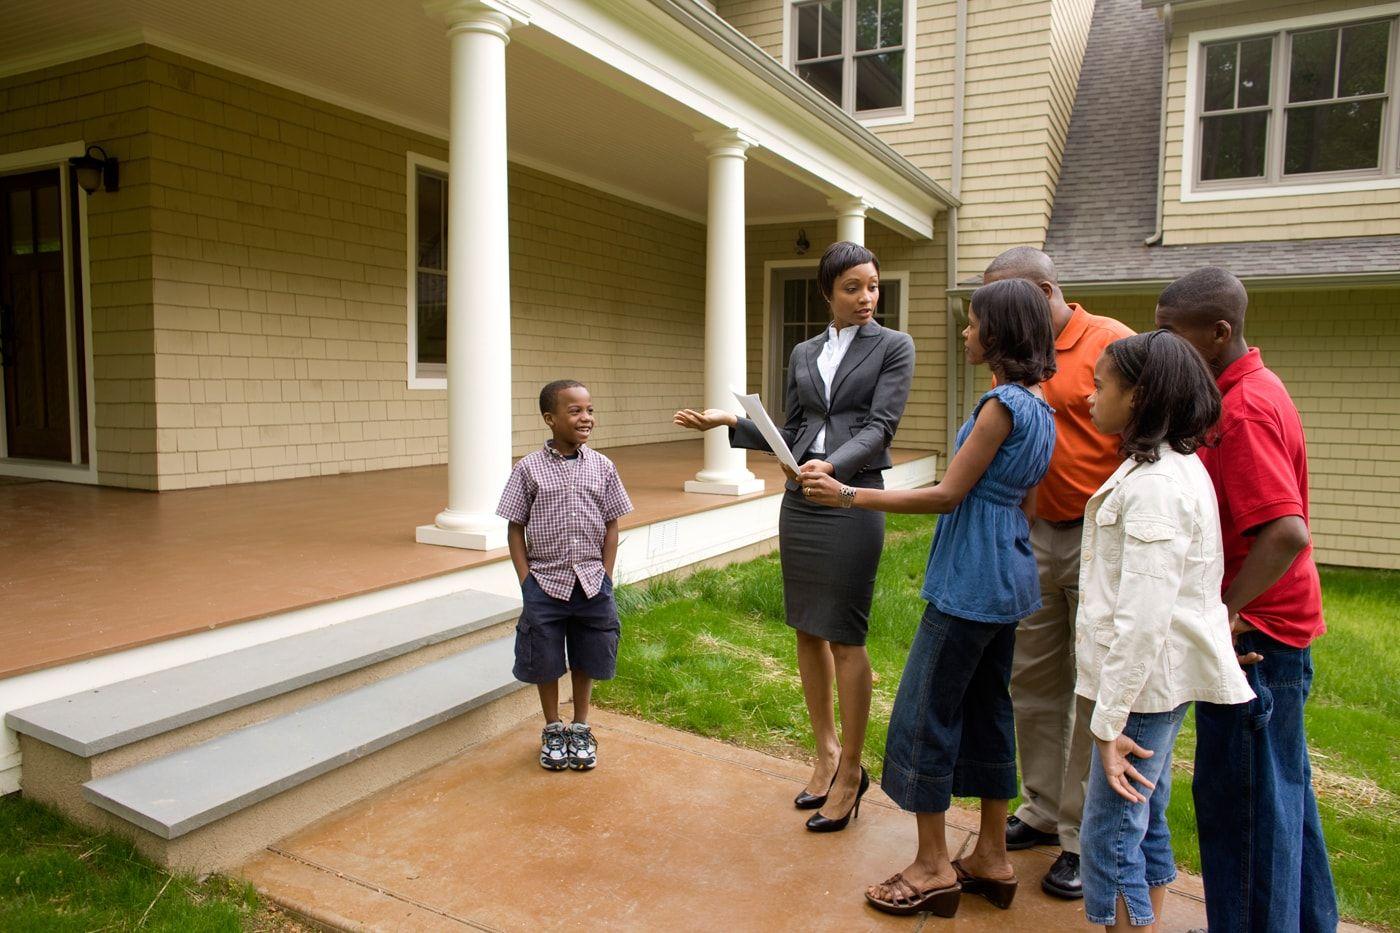 acheter une maison au senegal avie home. Black Bedroom Furniture Sets. Home Design Ideas